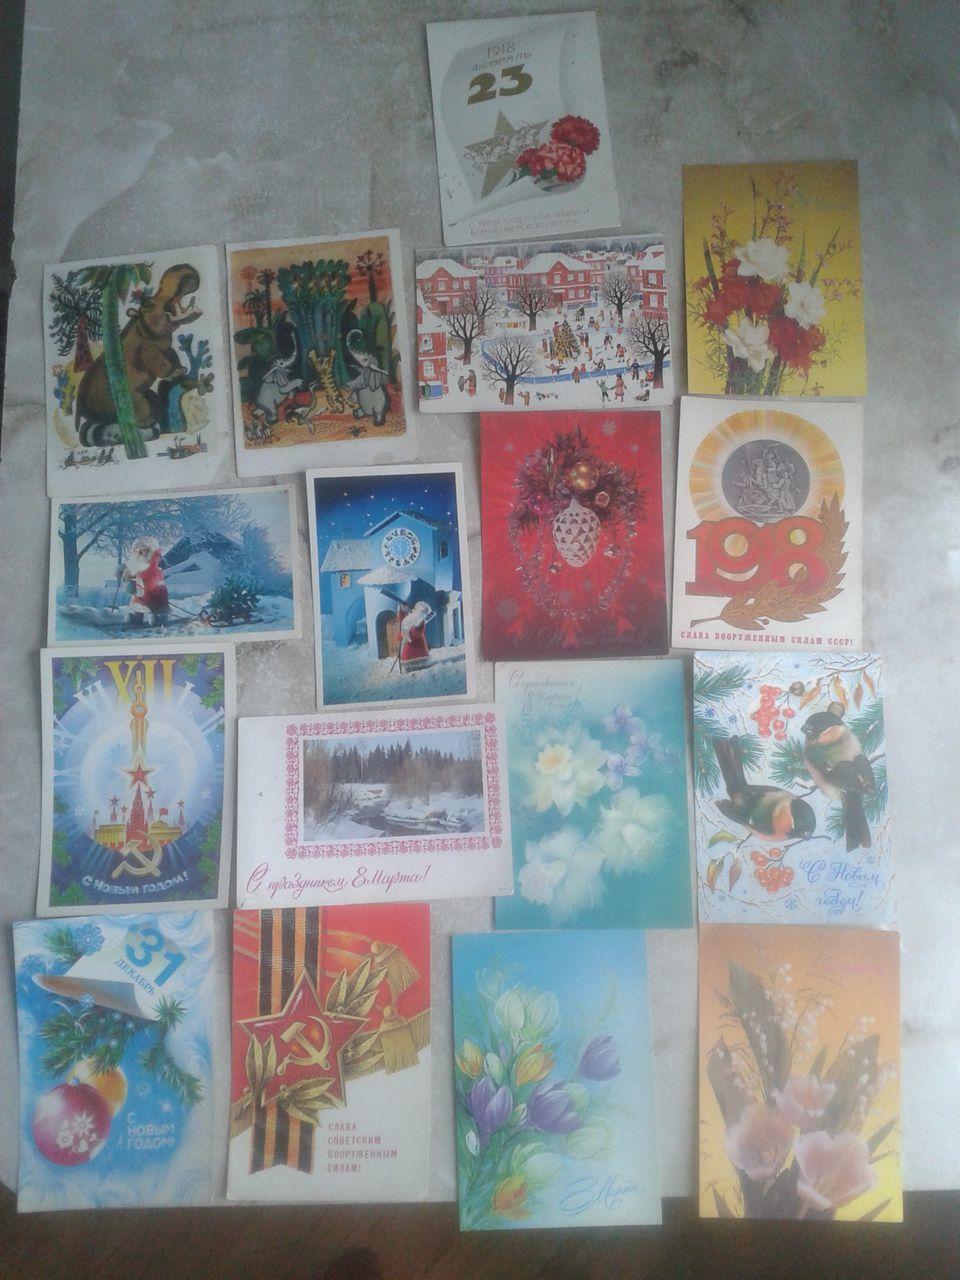 Продать открытки ссср цена екатеринбург, кофе утра